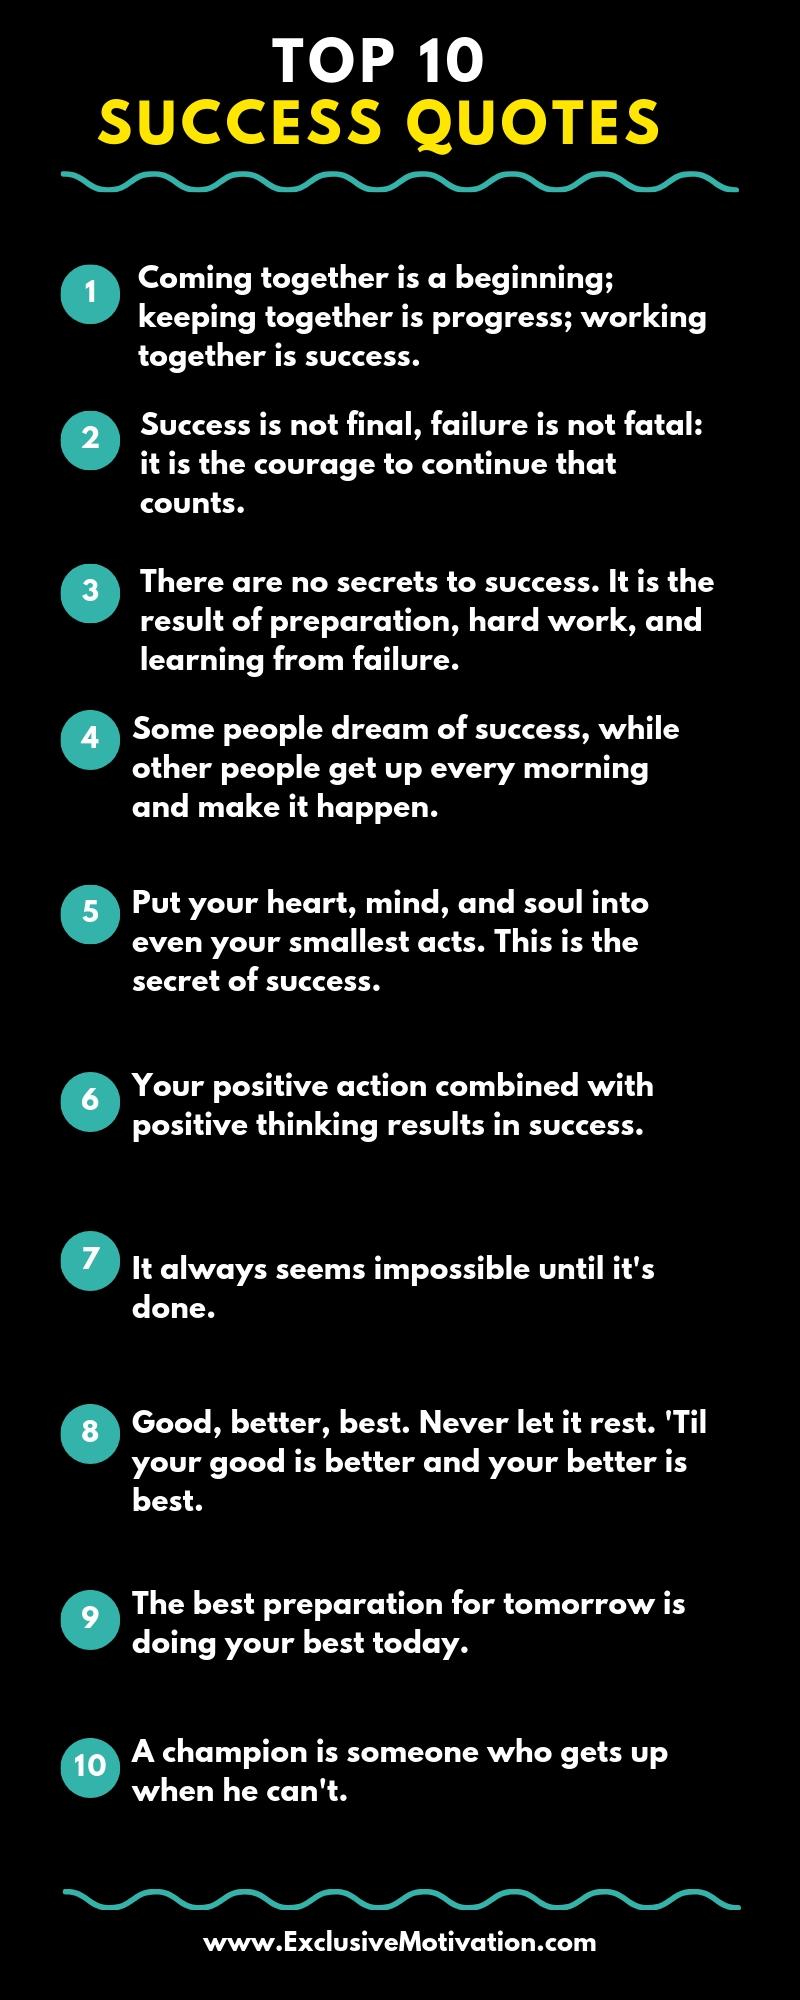 Top 10 Success Quotes